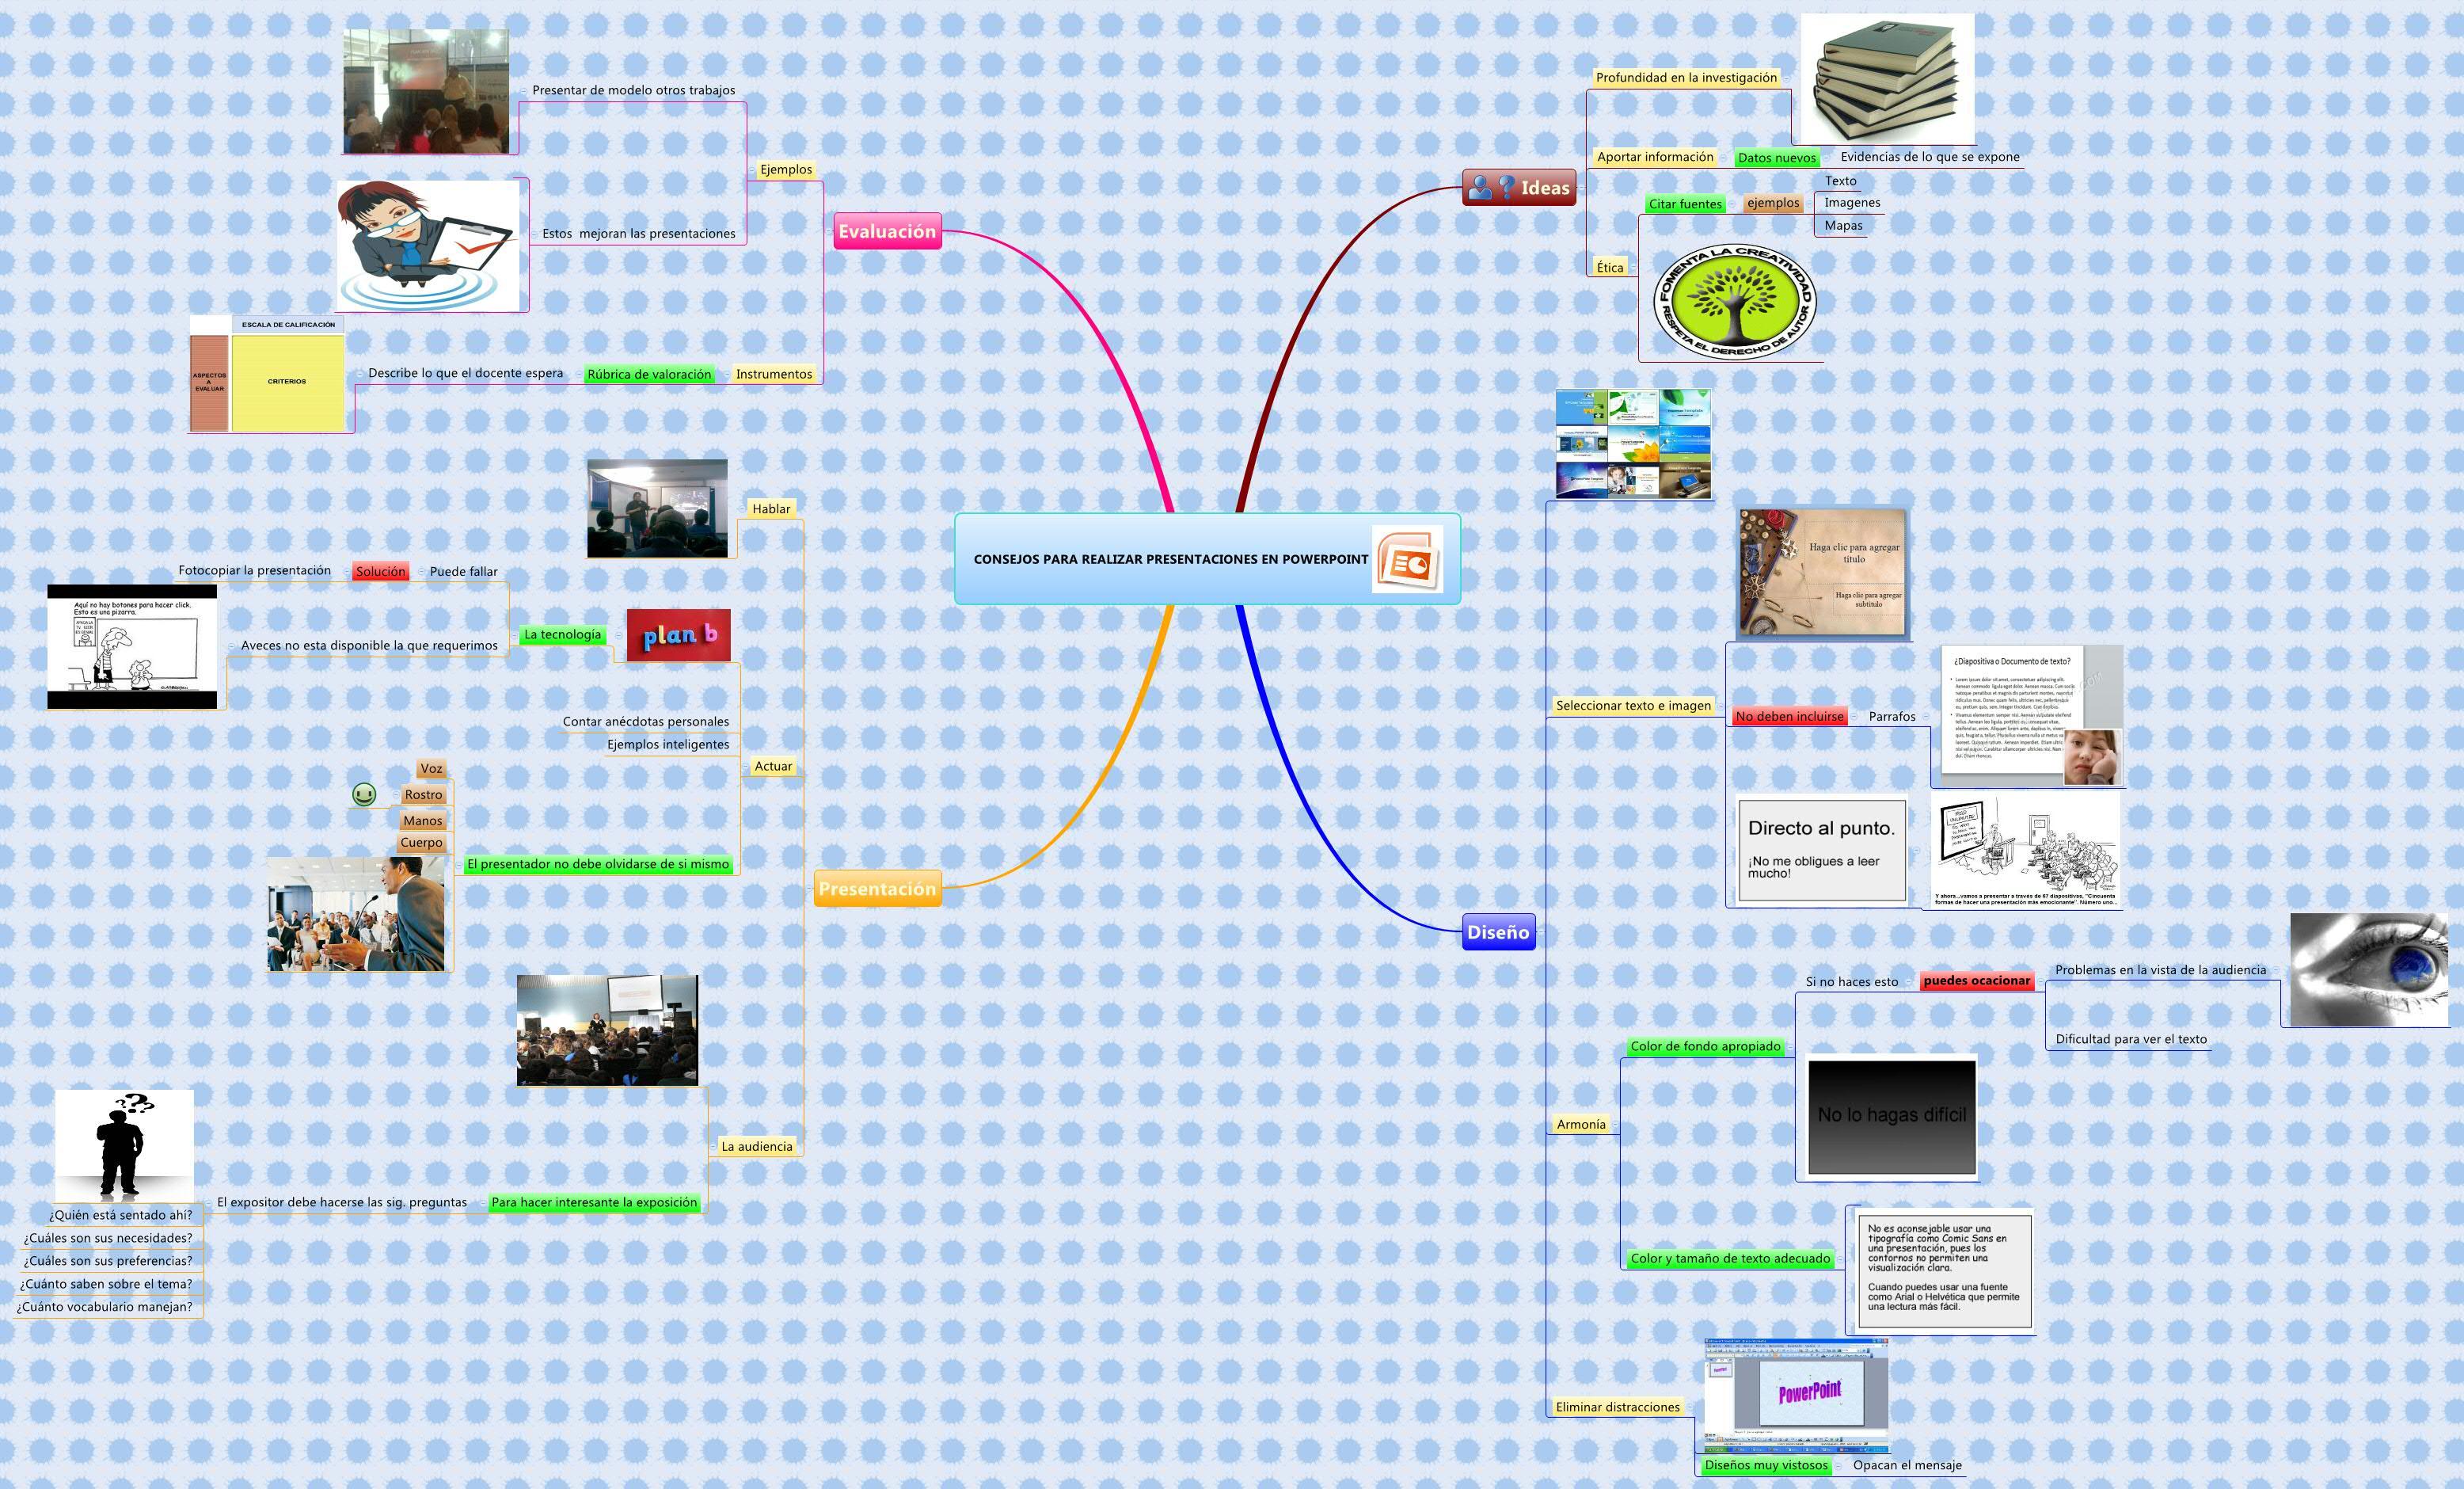 consejos para realizar presentaciones en powerpoint xmind mind